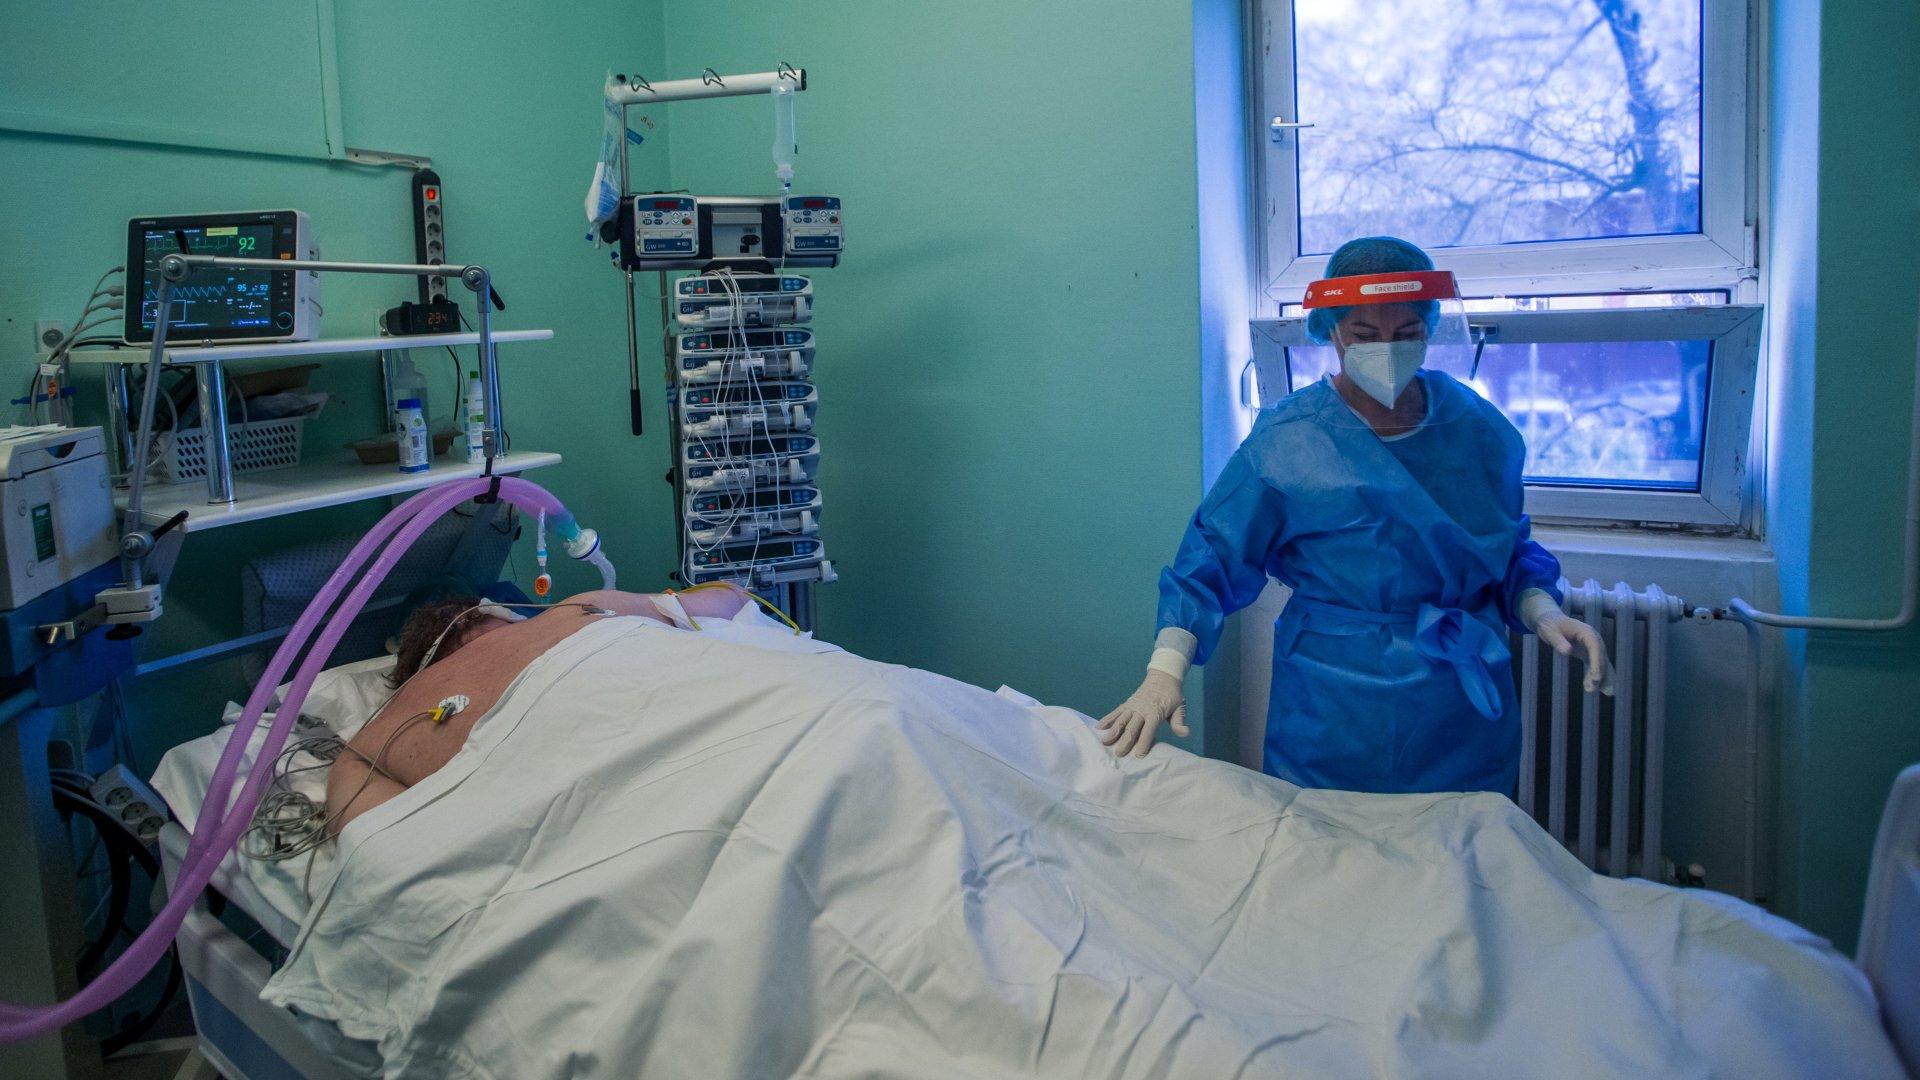 Koronavírusos beteg lélegeztetőgépen